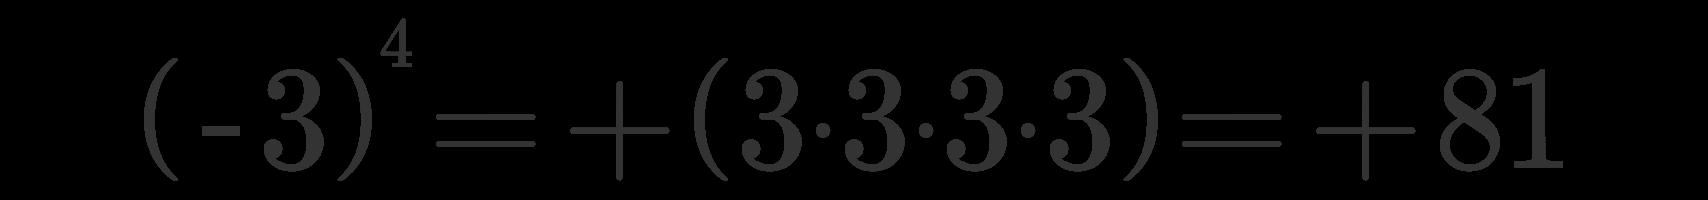 Potenza numeri relativi 2